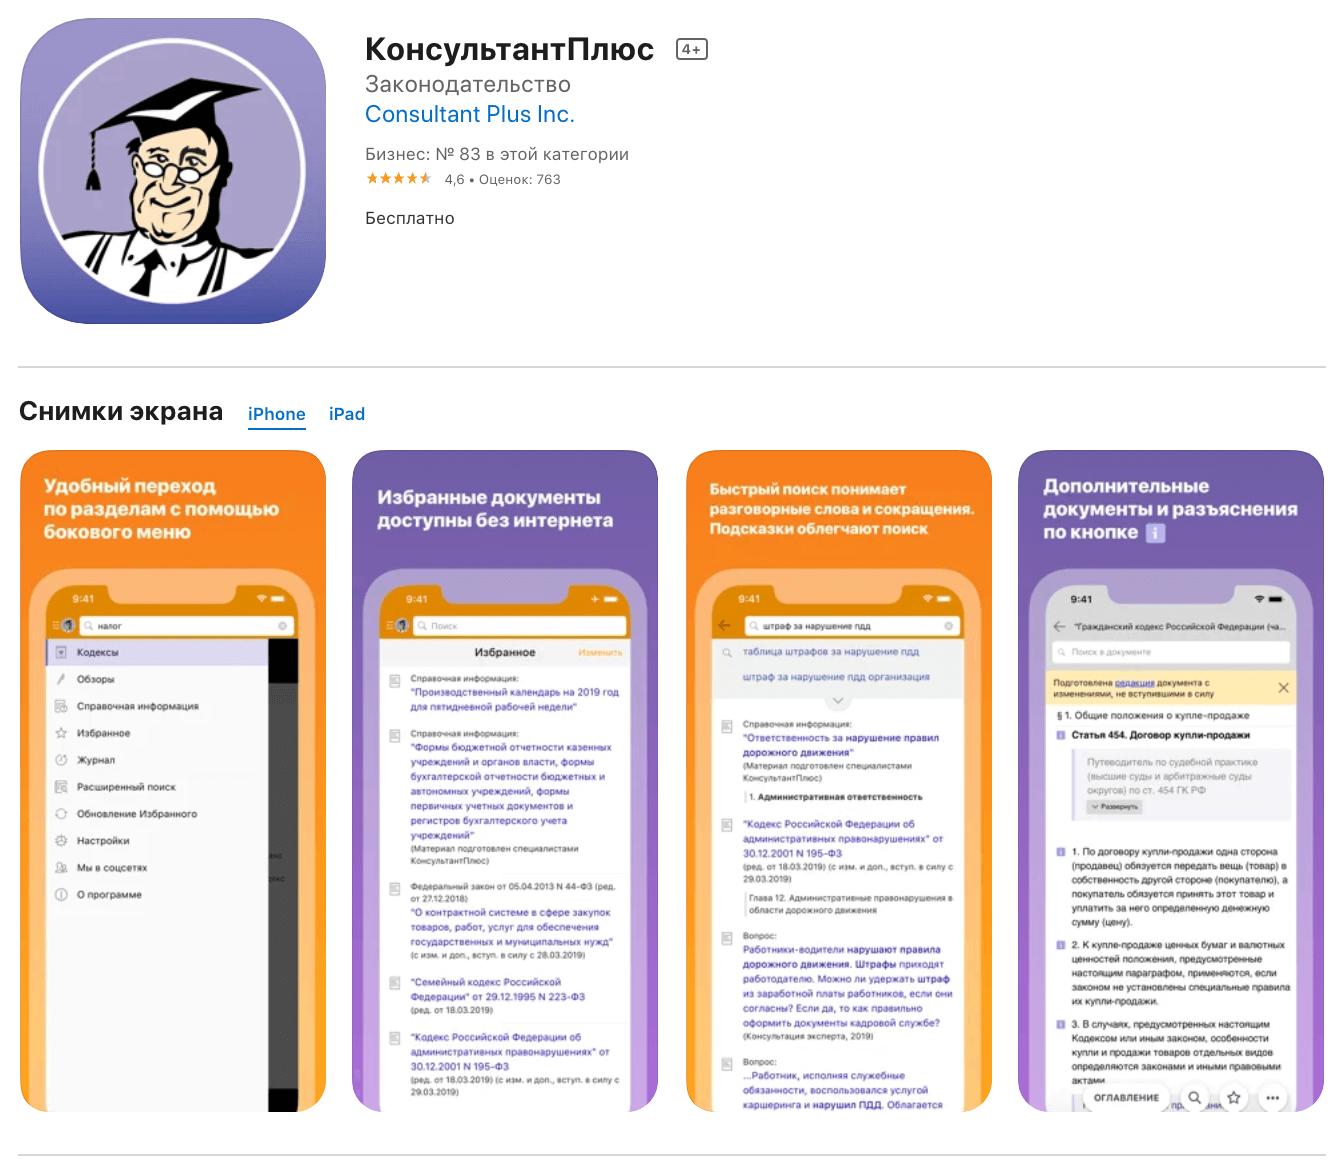 consultant plus-mobile app